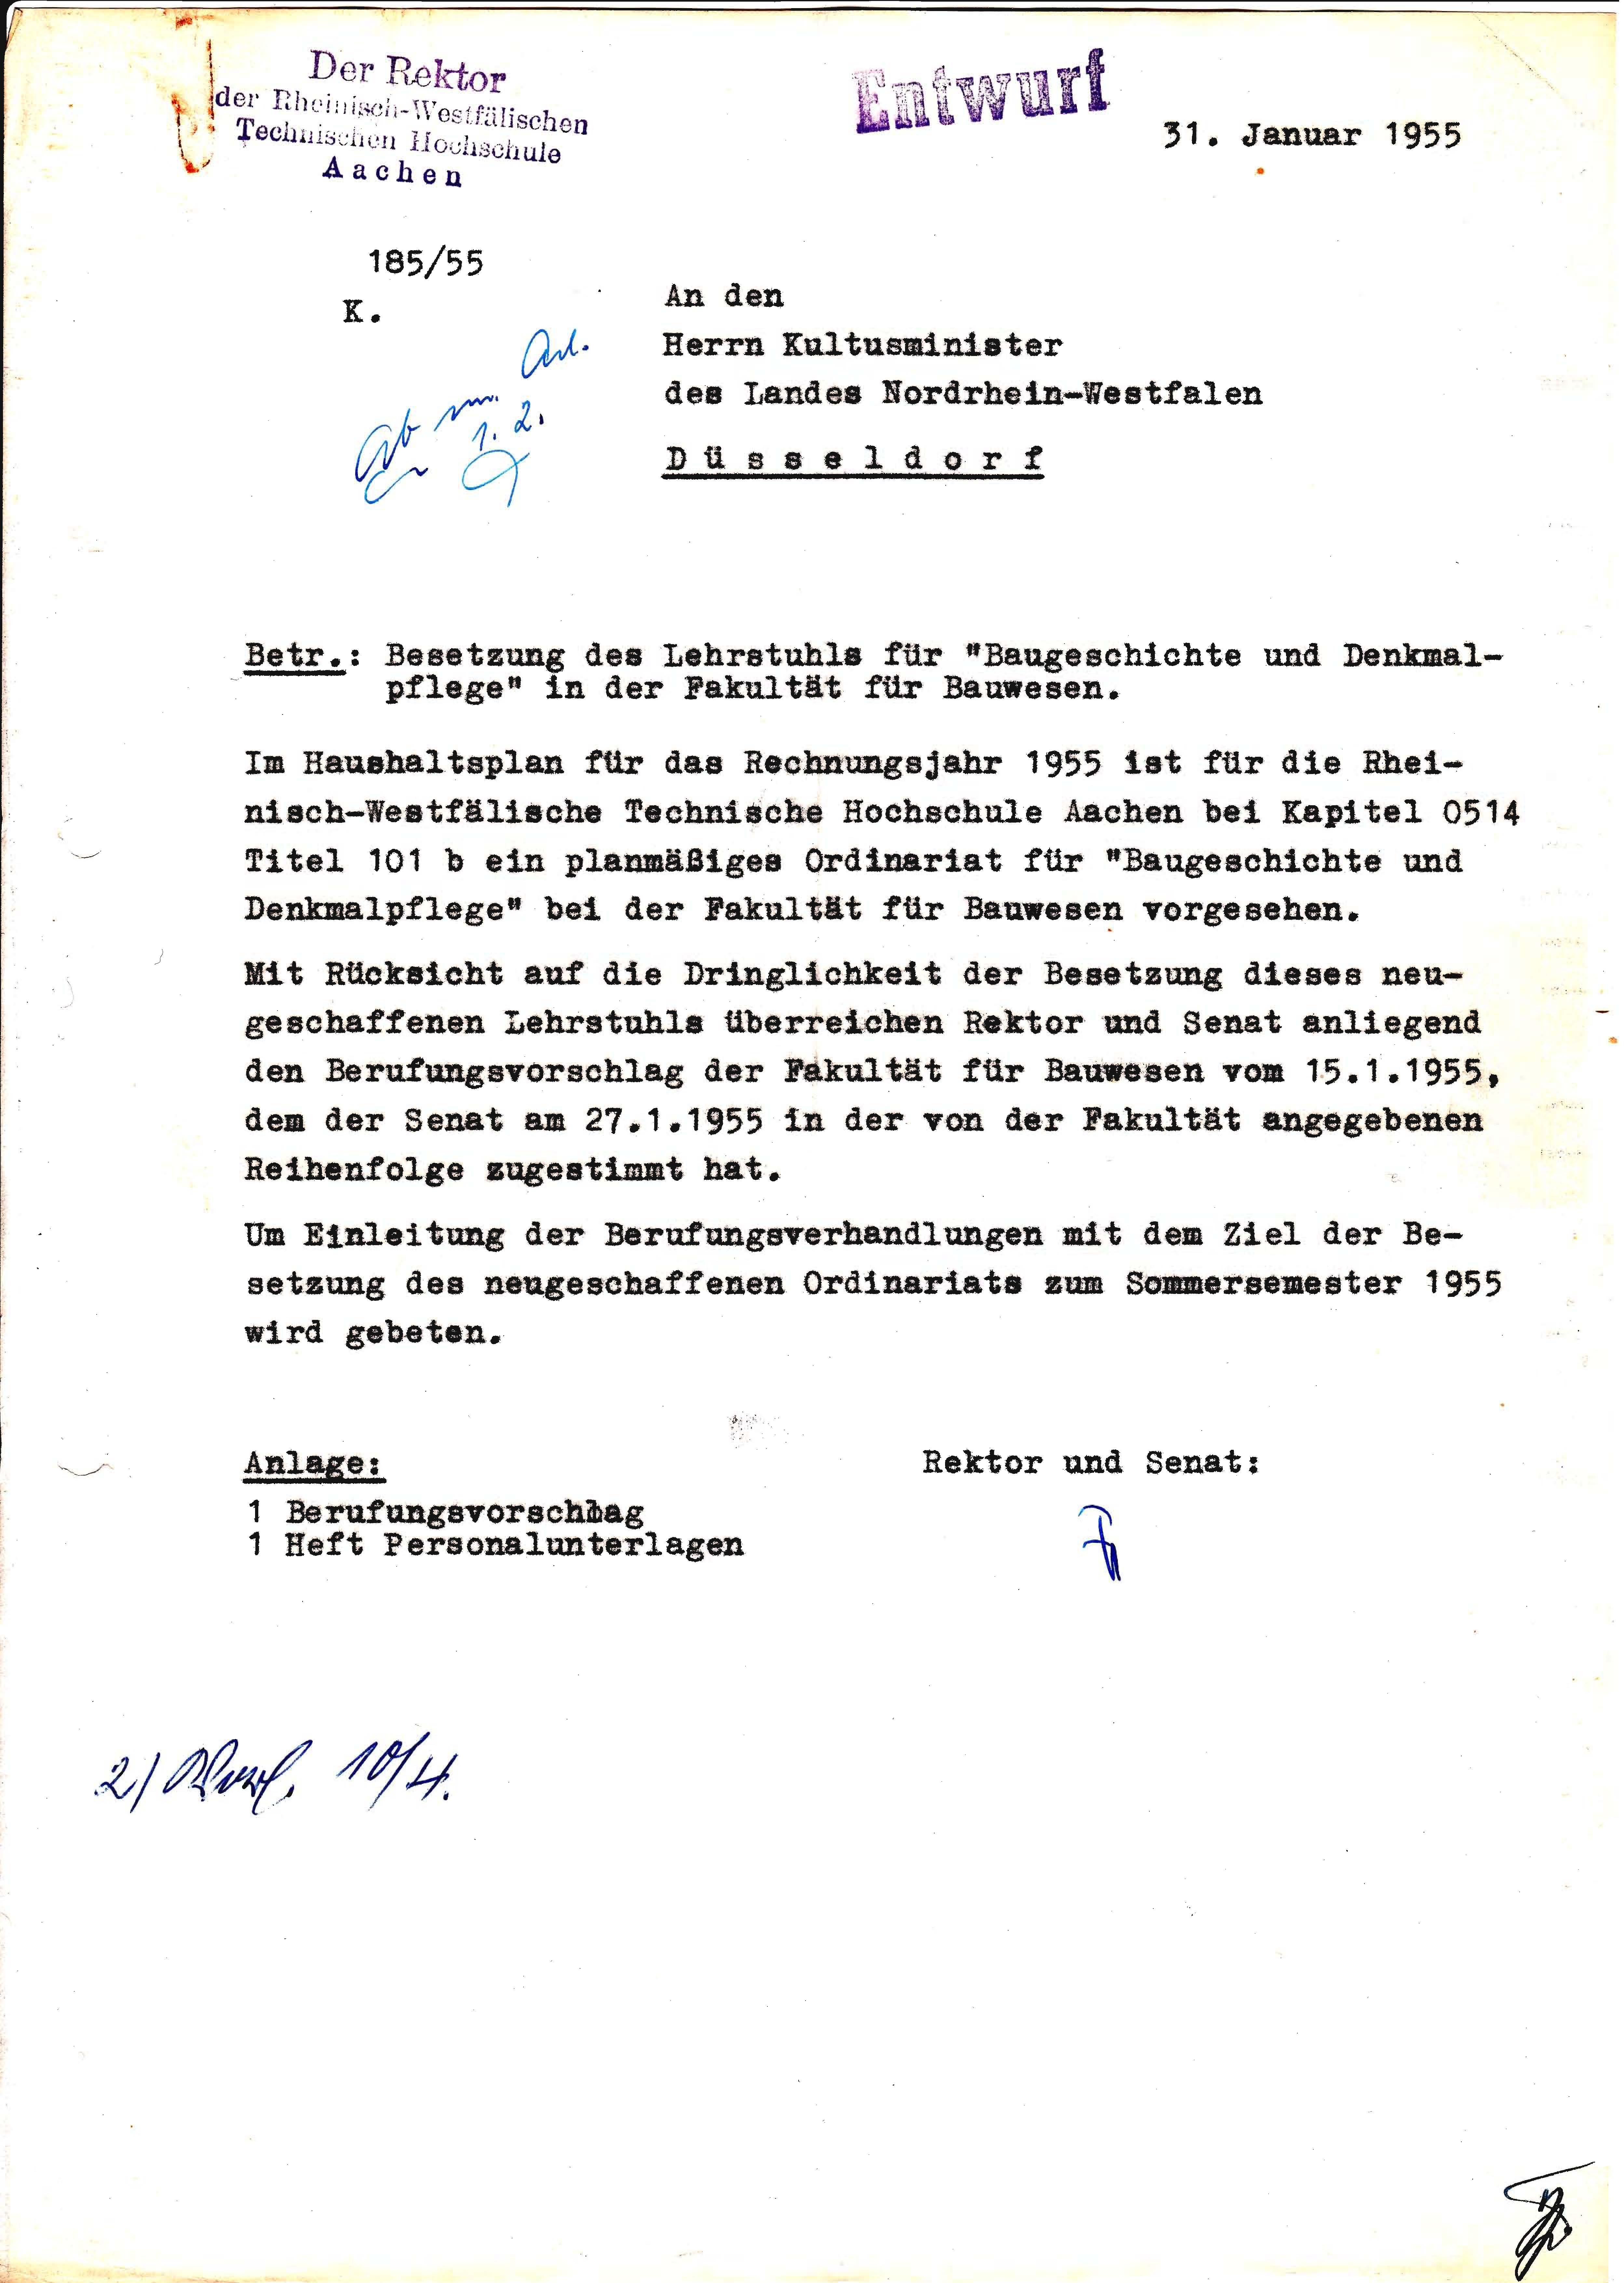 Akte 117 Gründung Baugeschichte und Denkmalpflege 1955